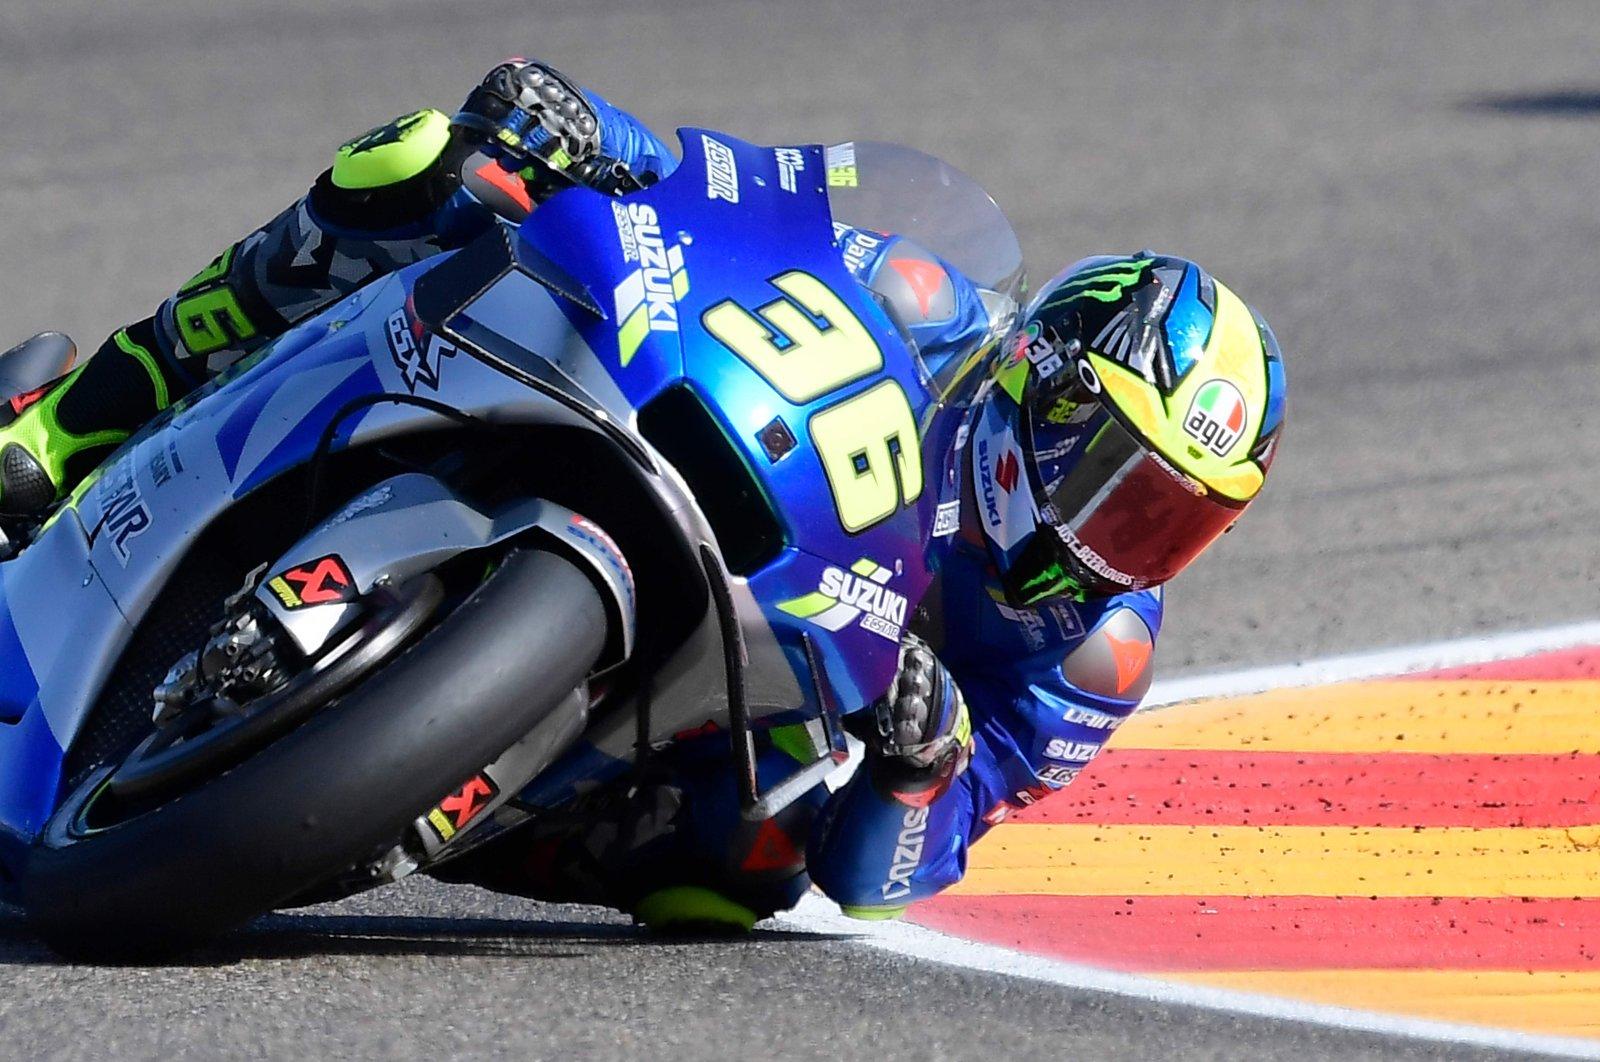 Suzuki rider Joan Mir steers during the Aragon GP race in Alcaniz, Spain, Oct. 18, 2020. (AFP Photo)